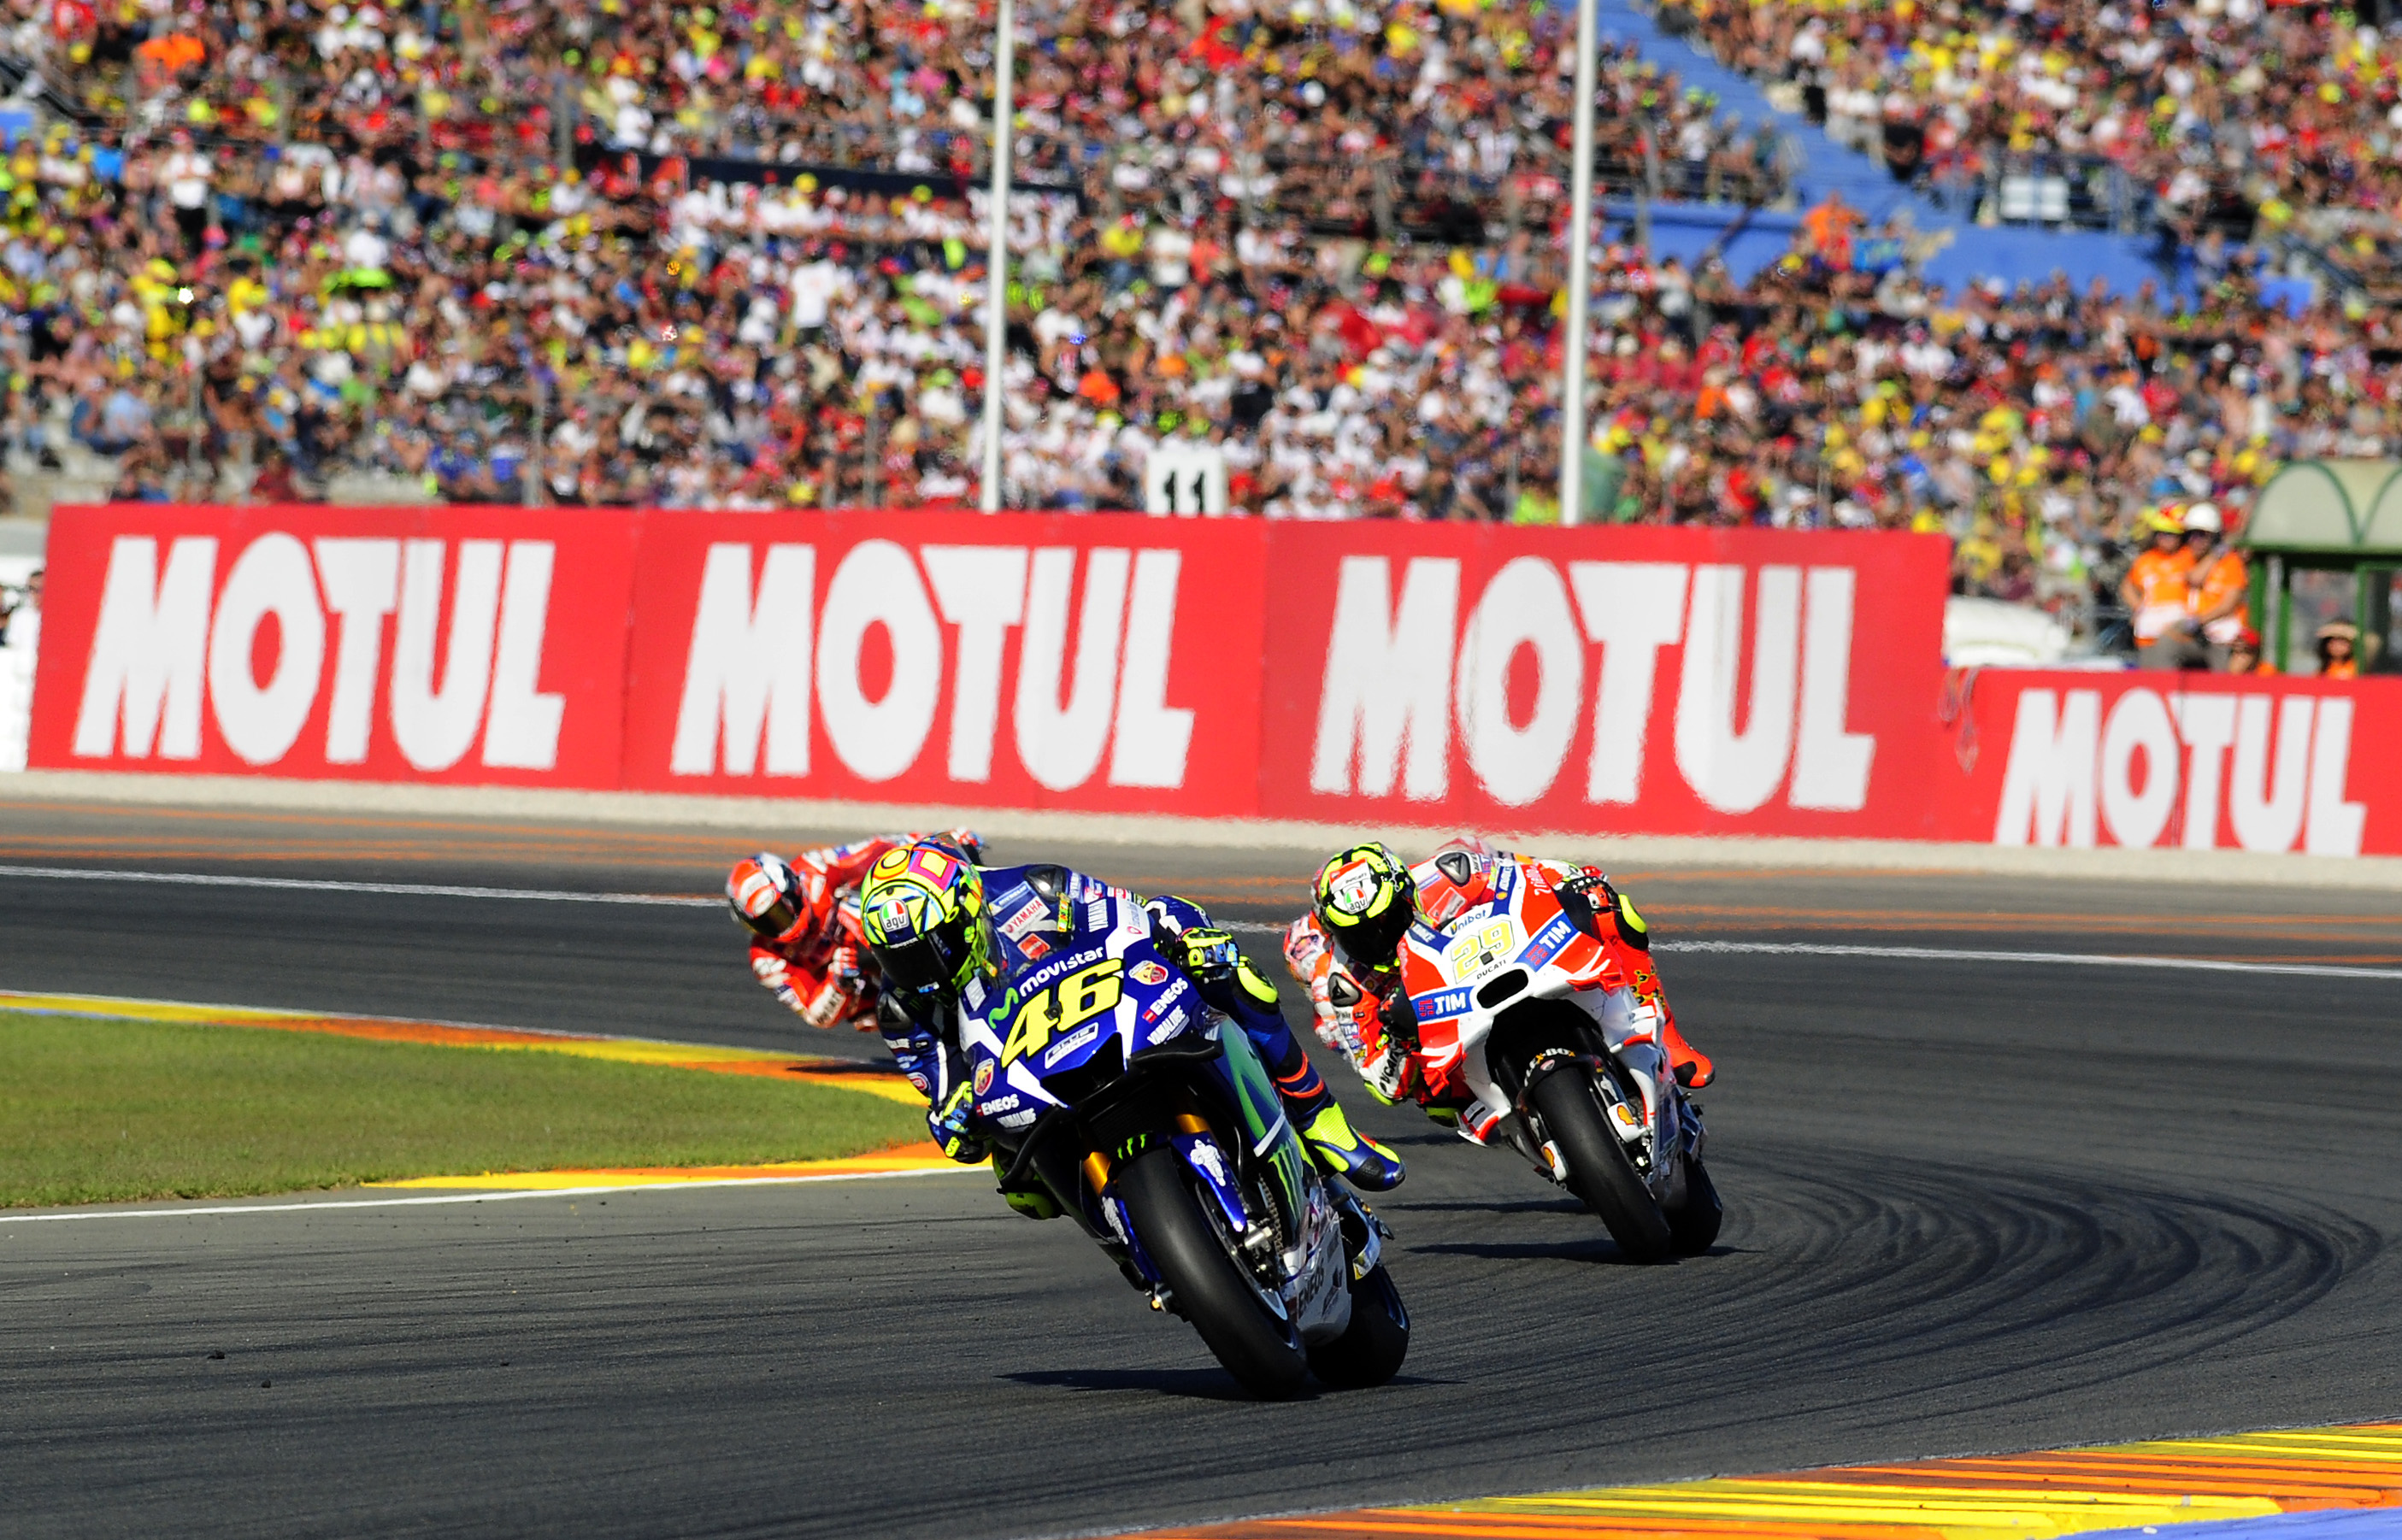 El piloto Valentino Rossi rodando en le Circuito de Cheste durante el Gran Premio de la Comunitat Valenciana.